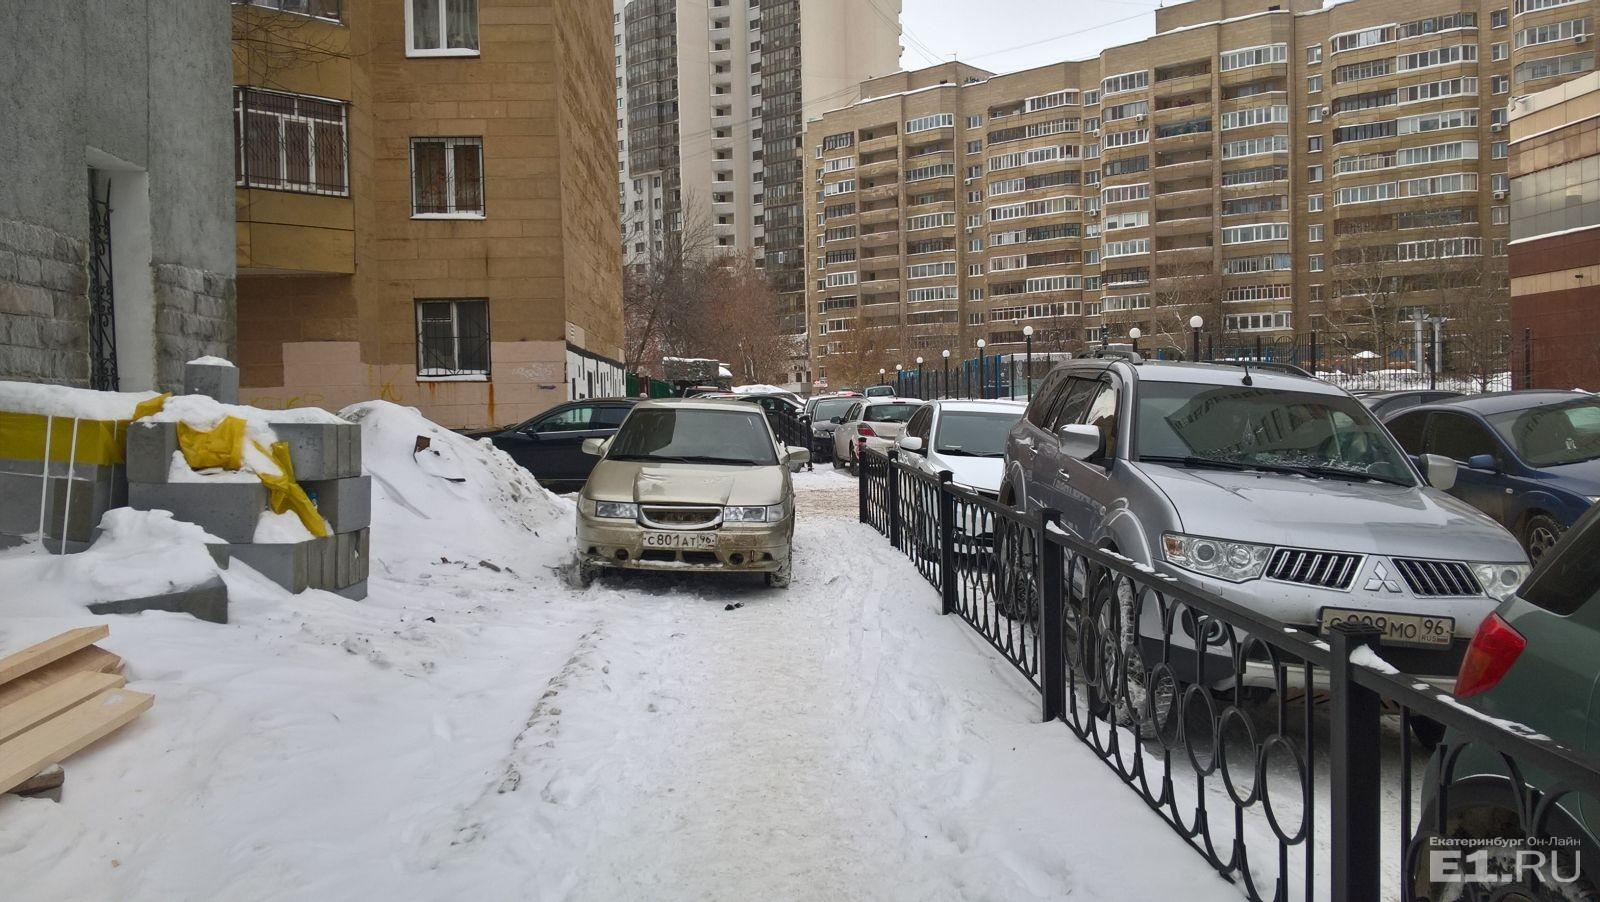 «Я паркуюсь как…»: массовая стоянка на тротуарах, BMW под детской горкой и автохам из консульства